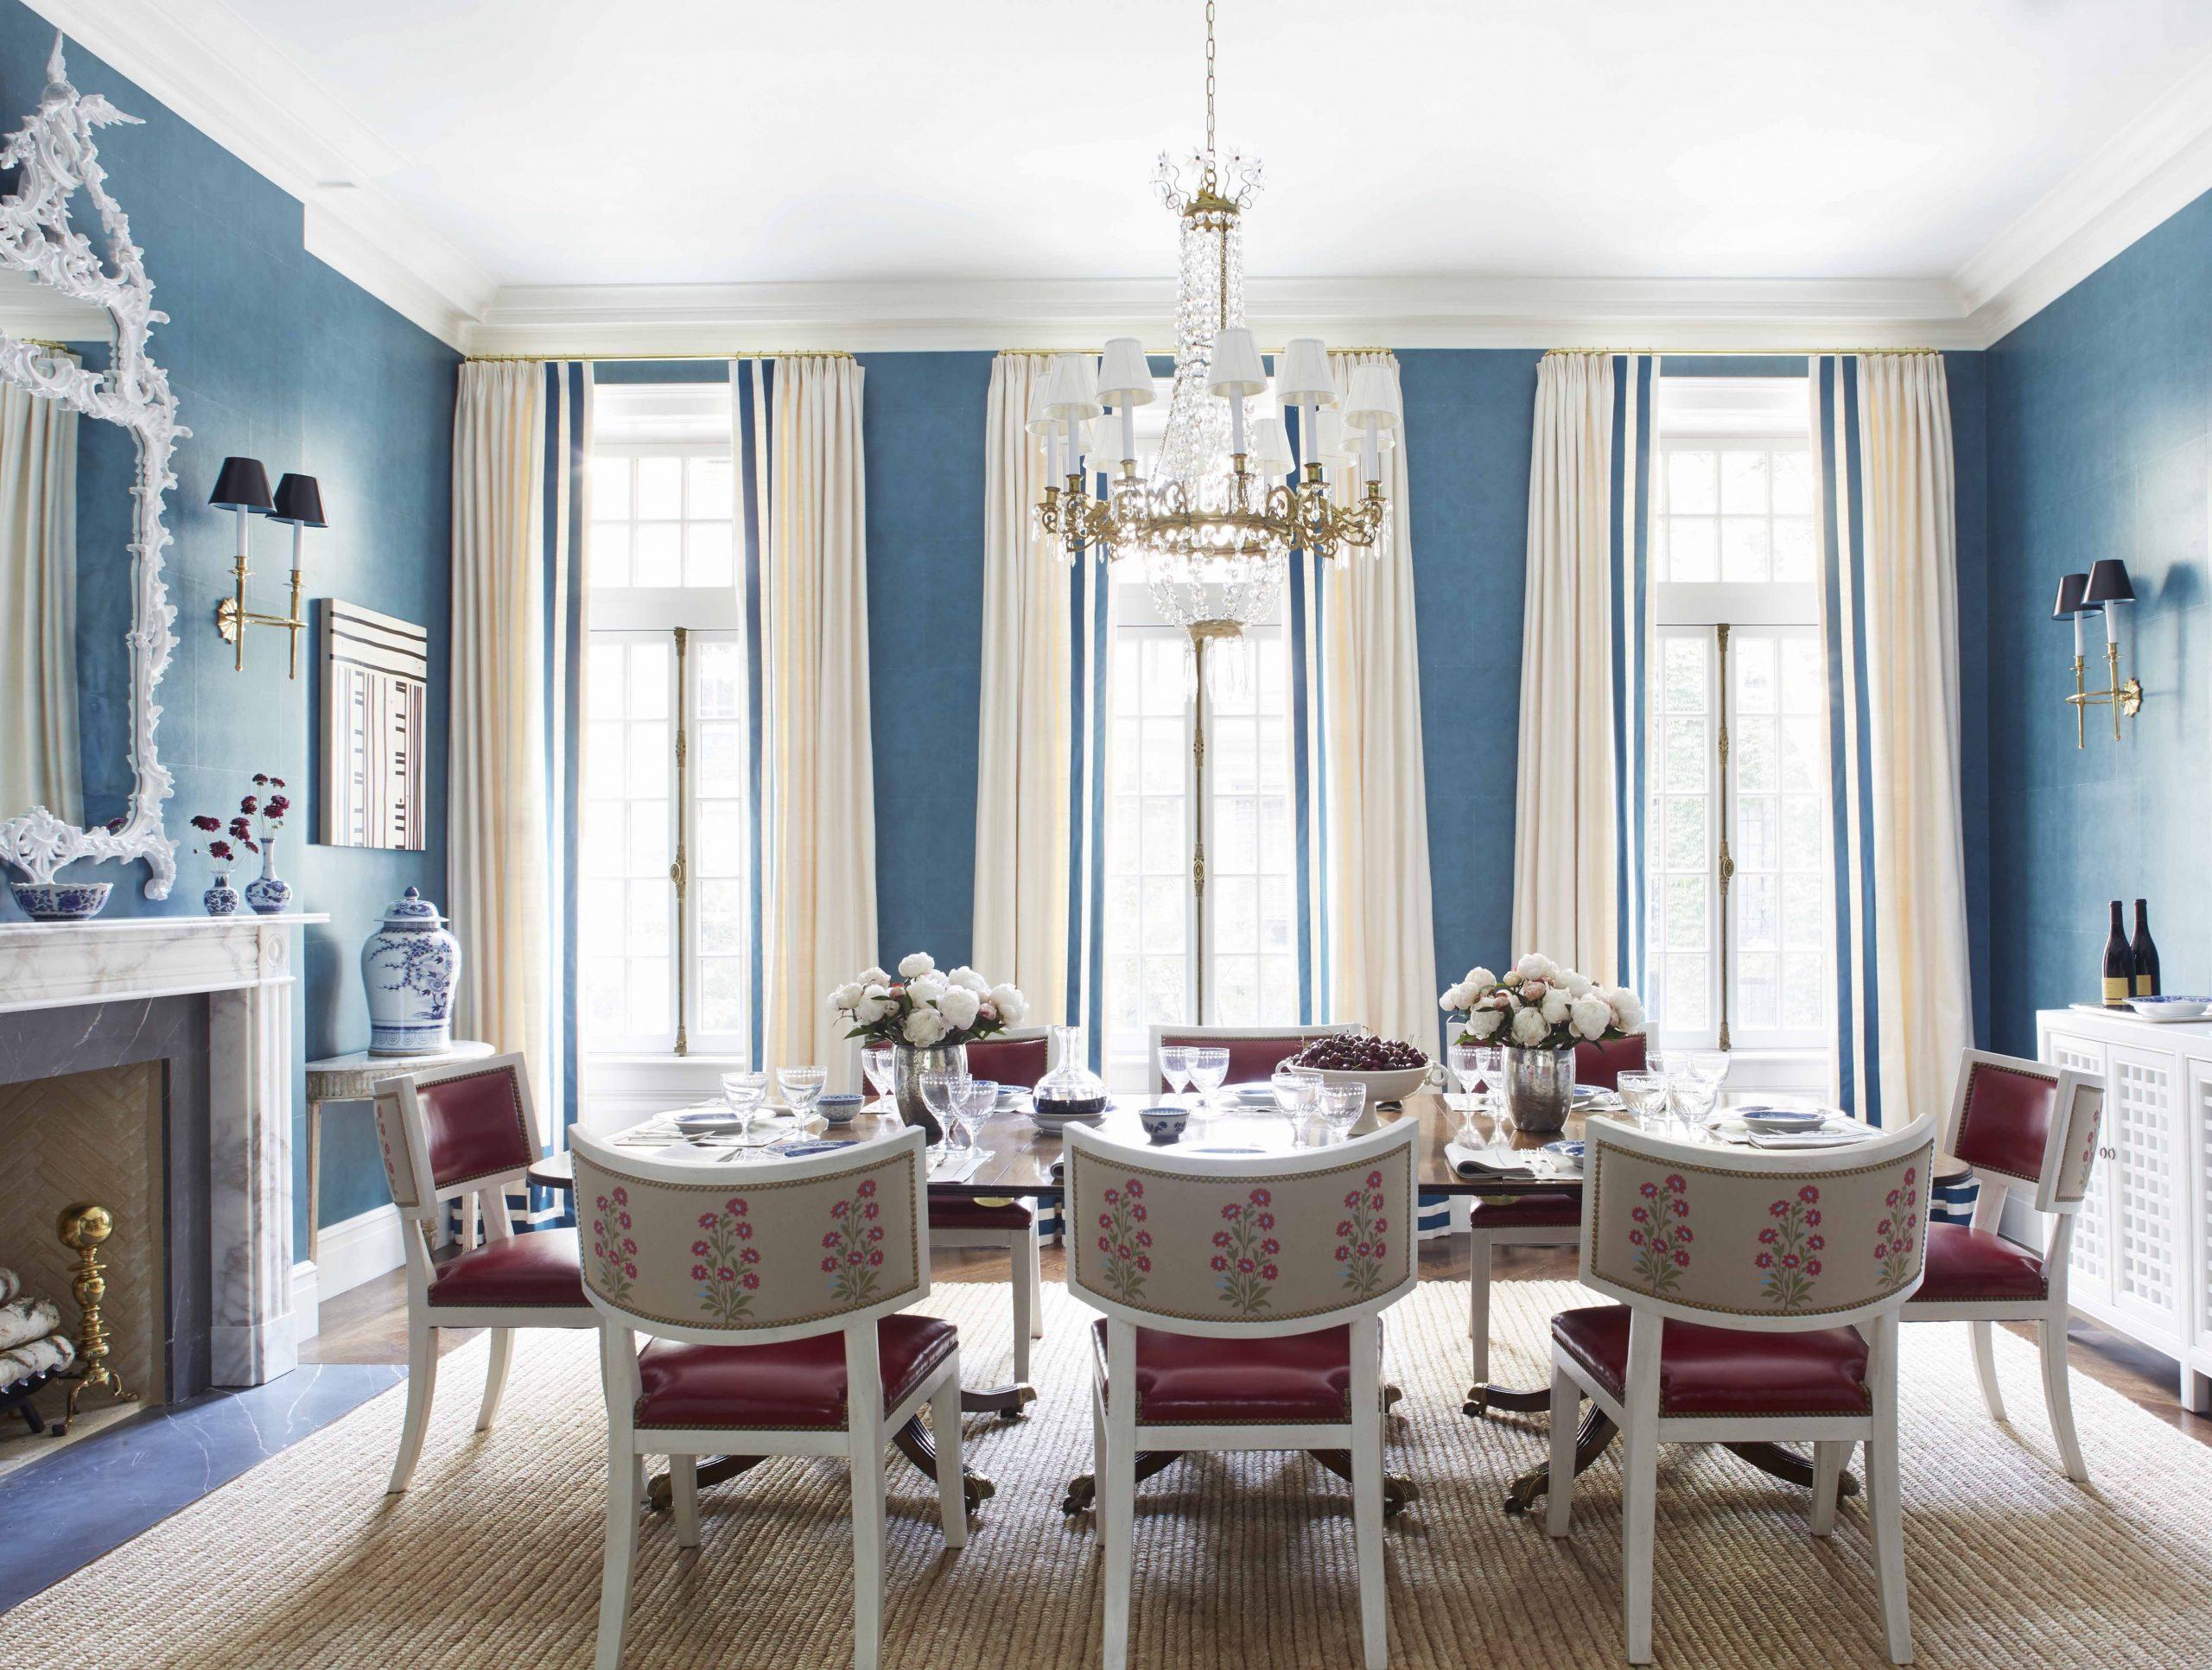 8+ Best Dining Room Ideas – Designer Dining Rooms & Decor - Dining Room Ideas Design